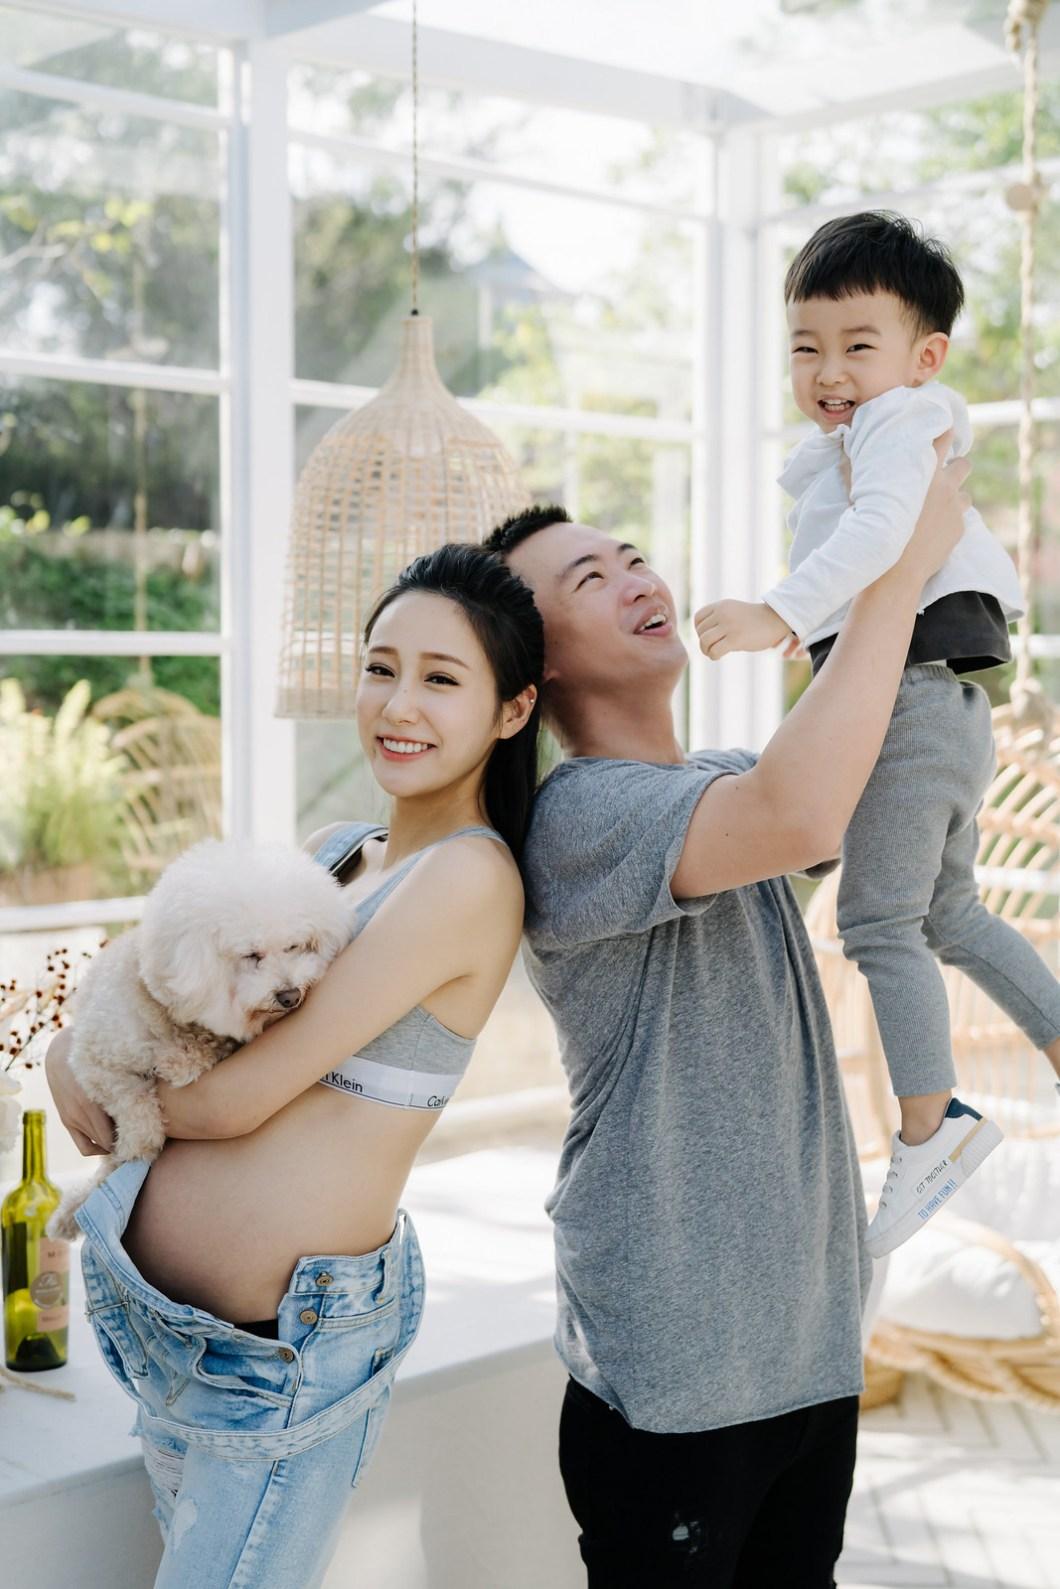 孕婦寫真,孕婦照,蔣樂孕婦寫真推薦,自然孕婦寫真,Jenniferwang攝影師,Jenniferwang孕婦照